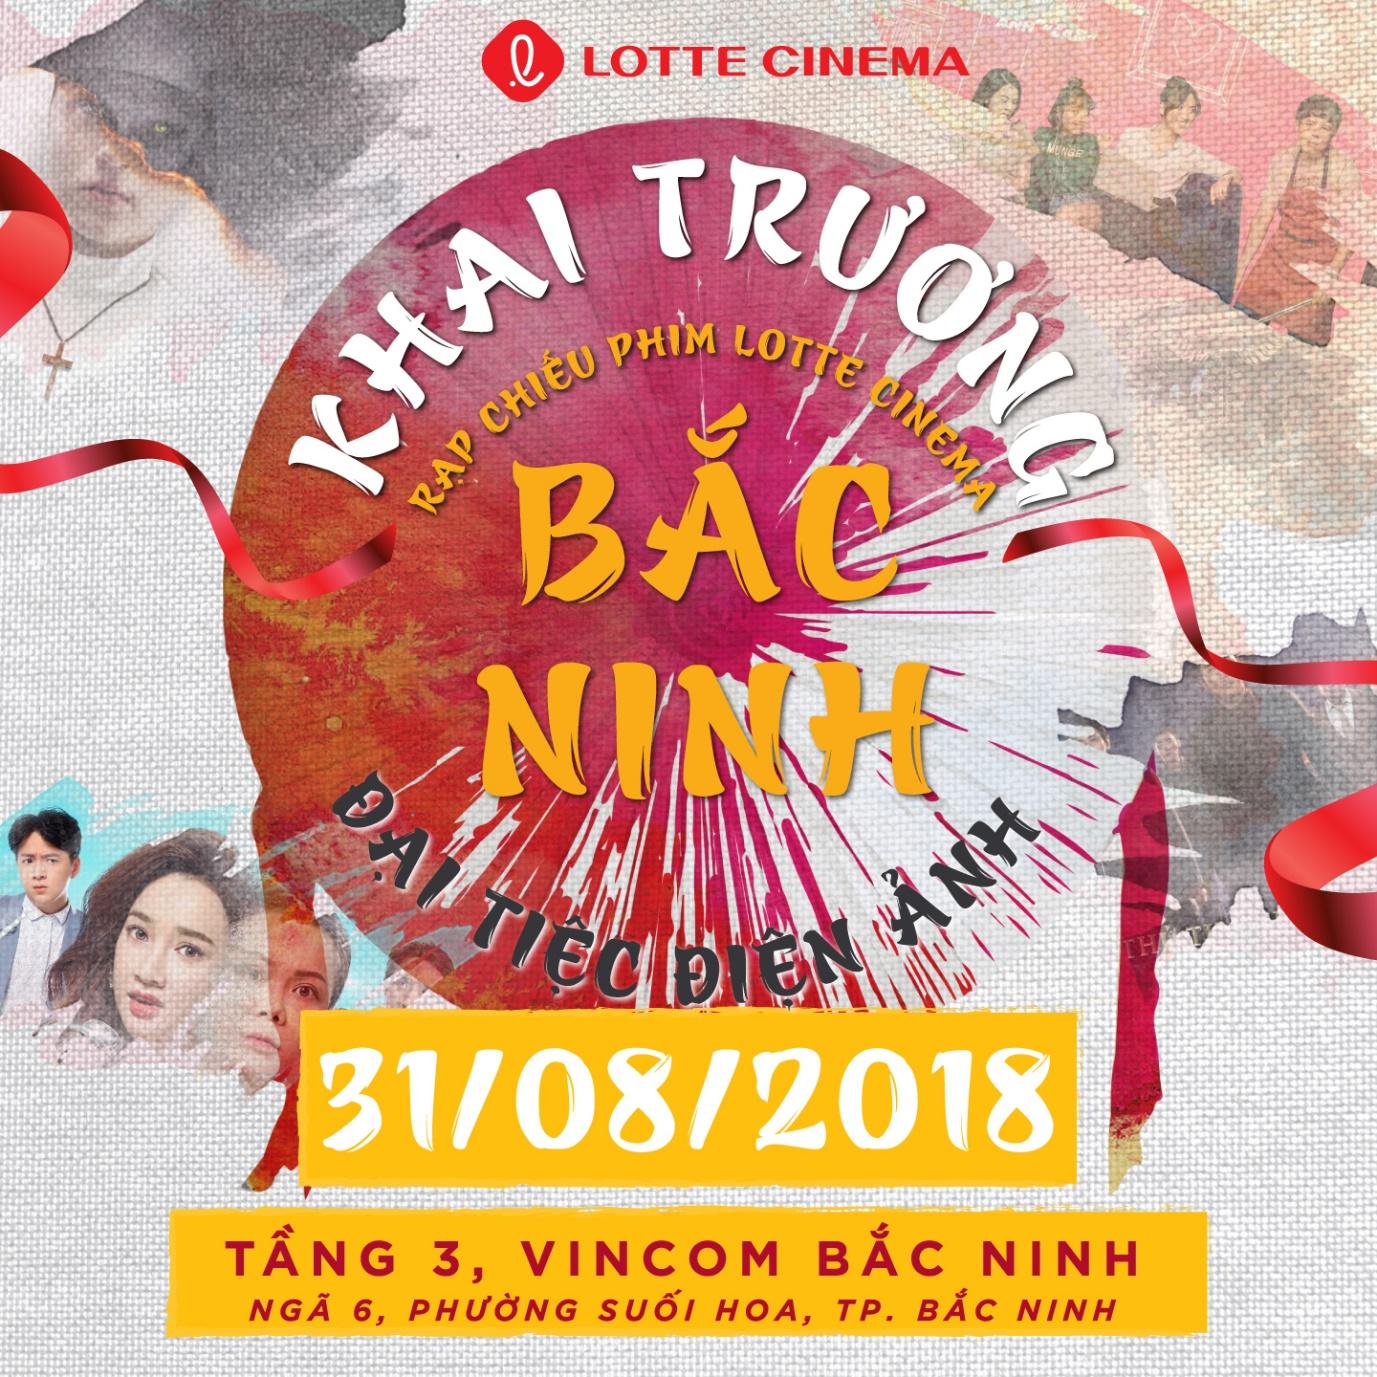 Tặng vé phim, miễn phí bắp nước dịp khai trương rạp Lotte Cinema Bắc Ninh - Ảnh 1.